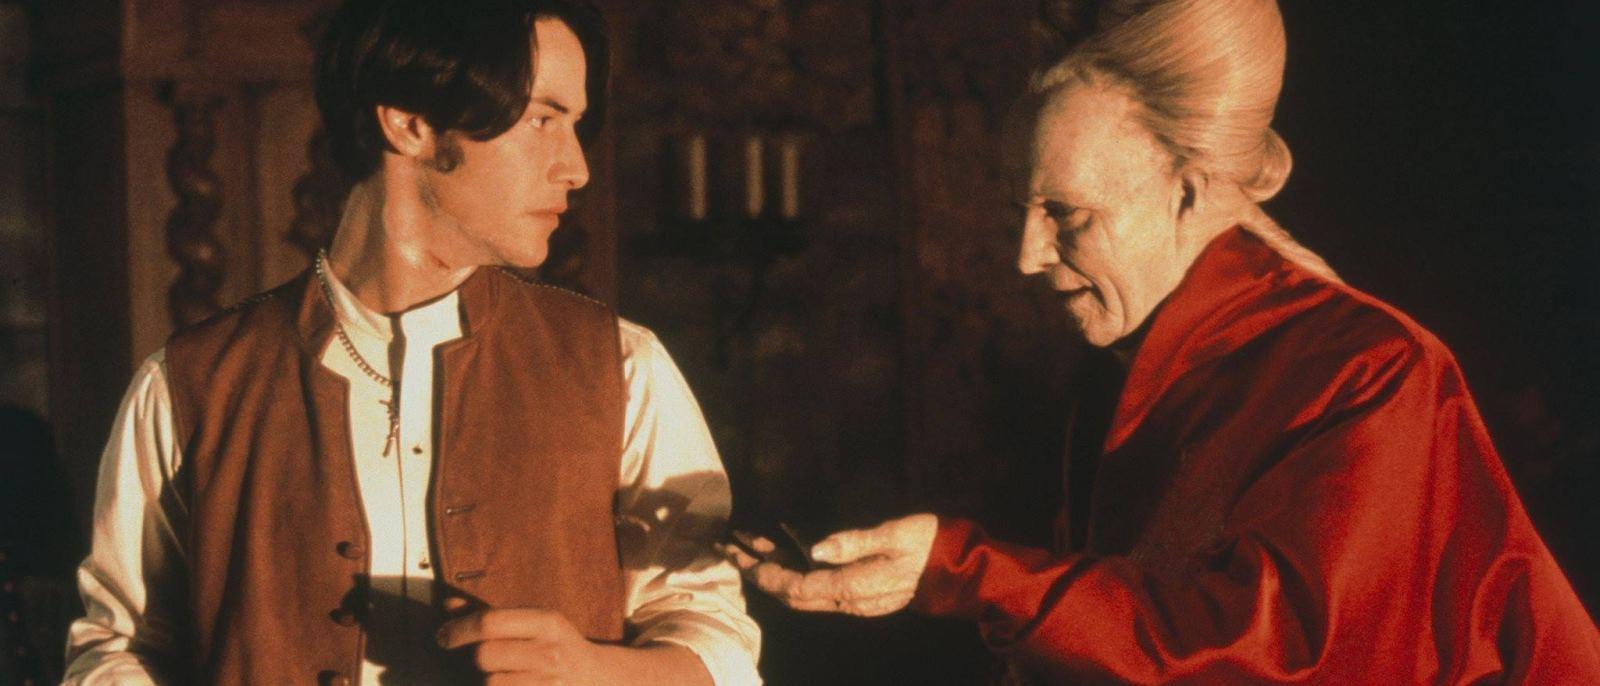 """Keanu Reeves and Gary Oldman in """"Bram Stoker's Dracula"""" (1992)"""